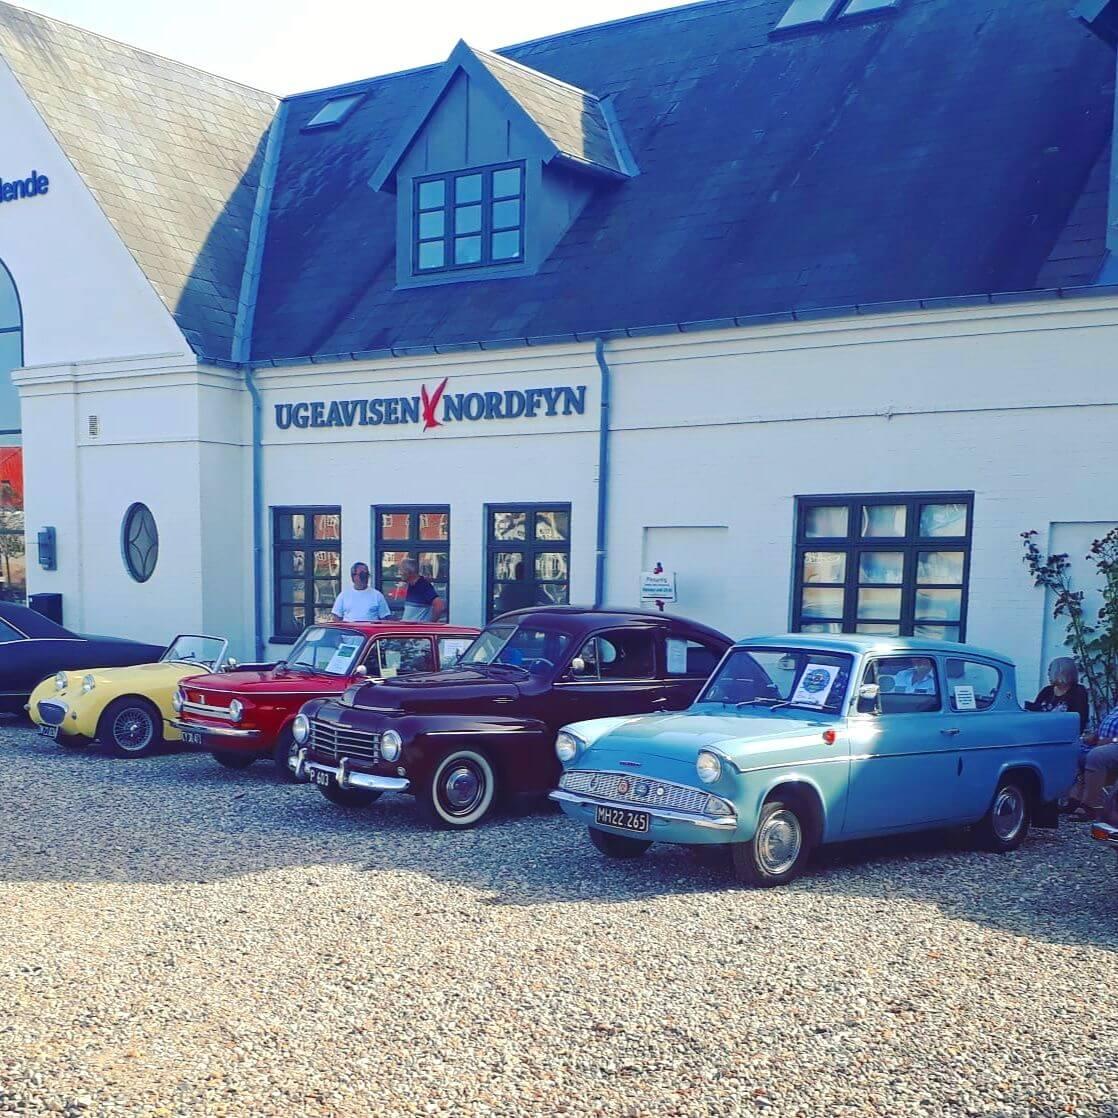 Vakantie met kids: sprookjesachtig Funen in Denemarken - de oude stad Bogense met strand en haven - klassieke auto's - veteran car festival